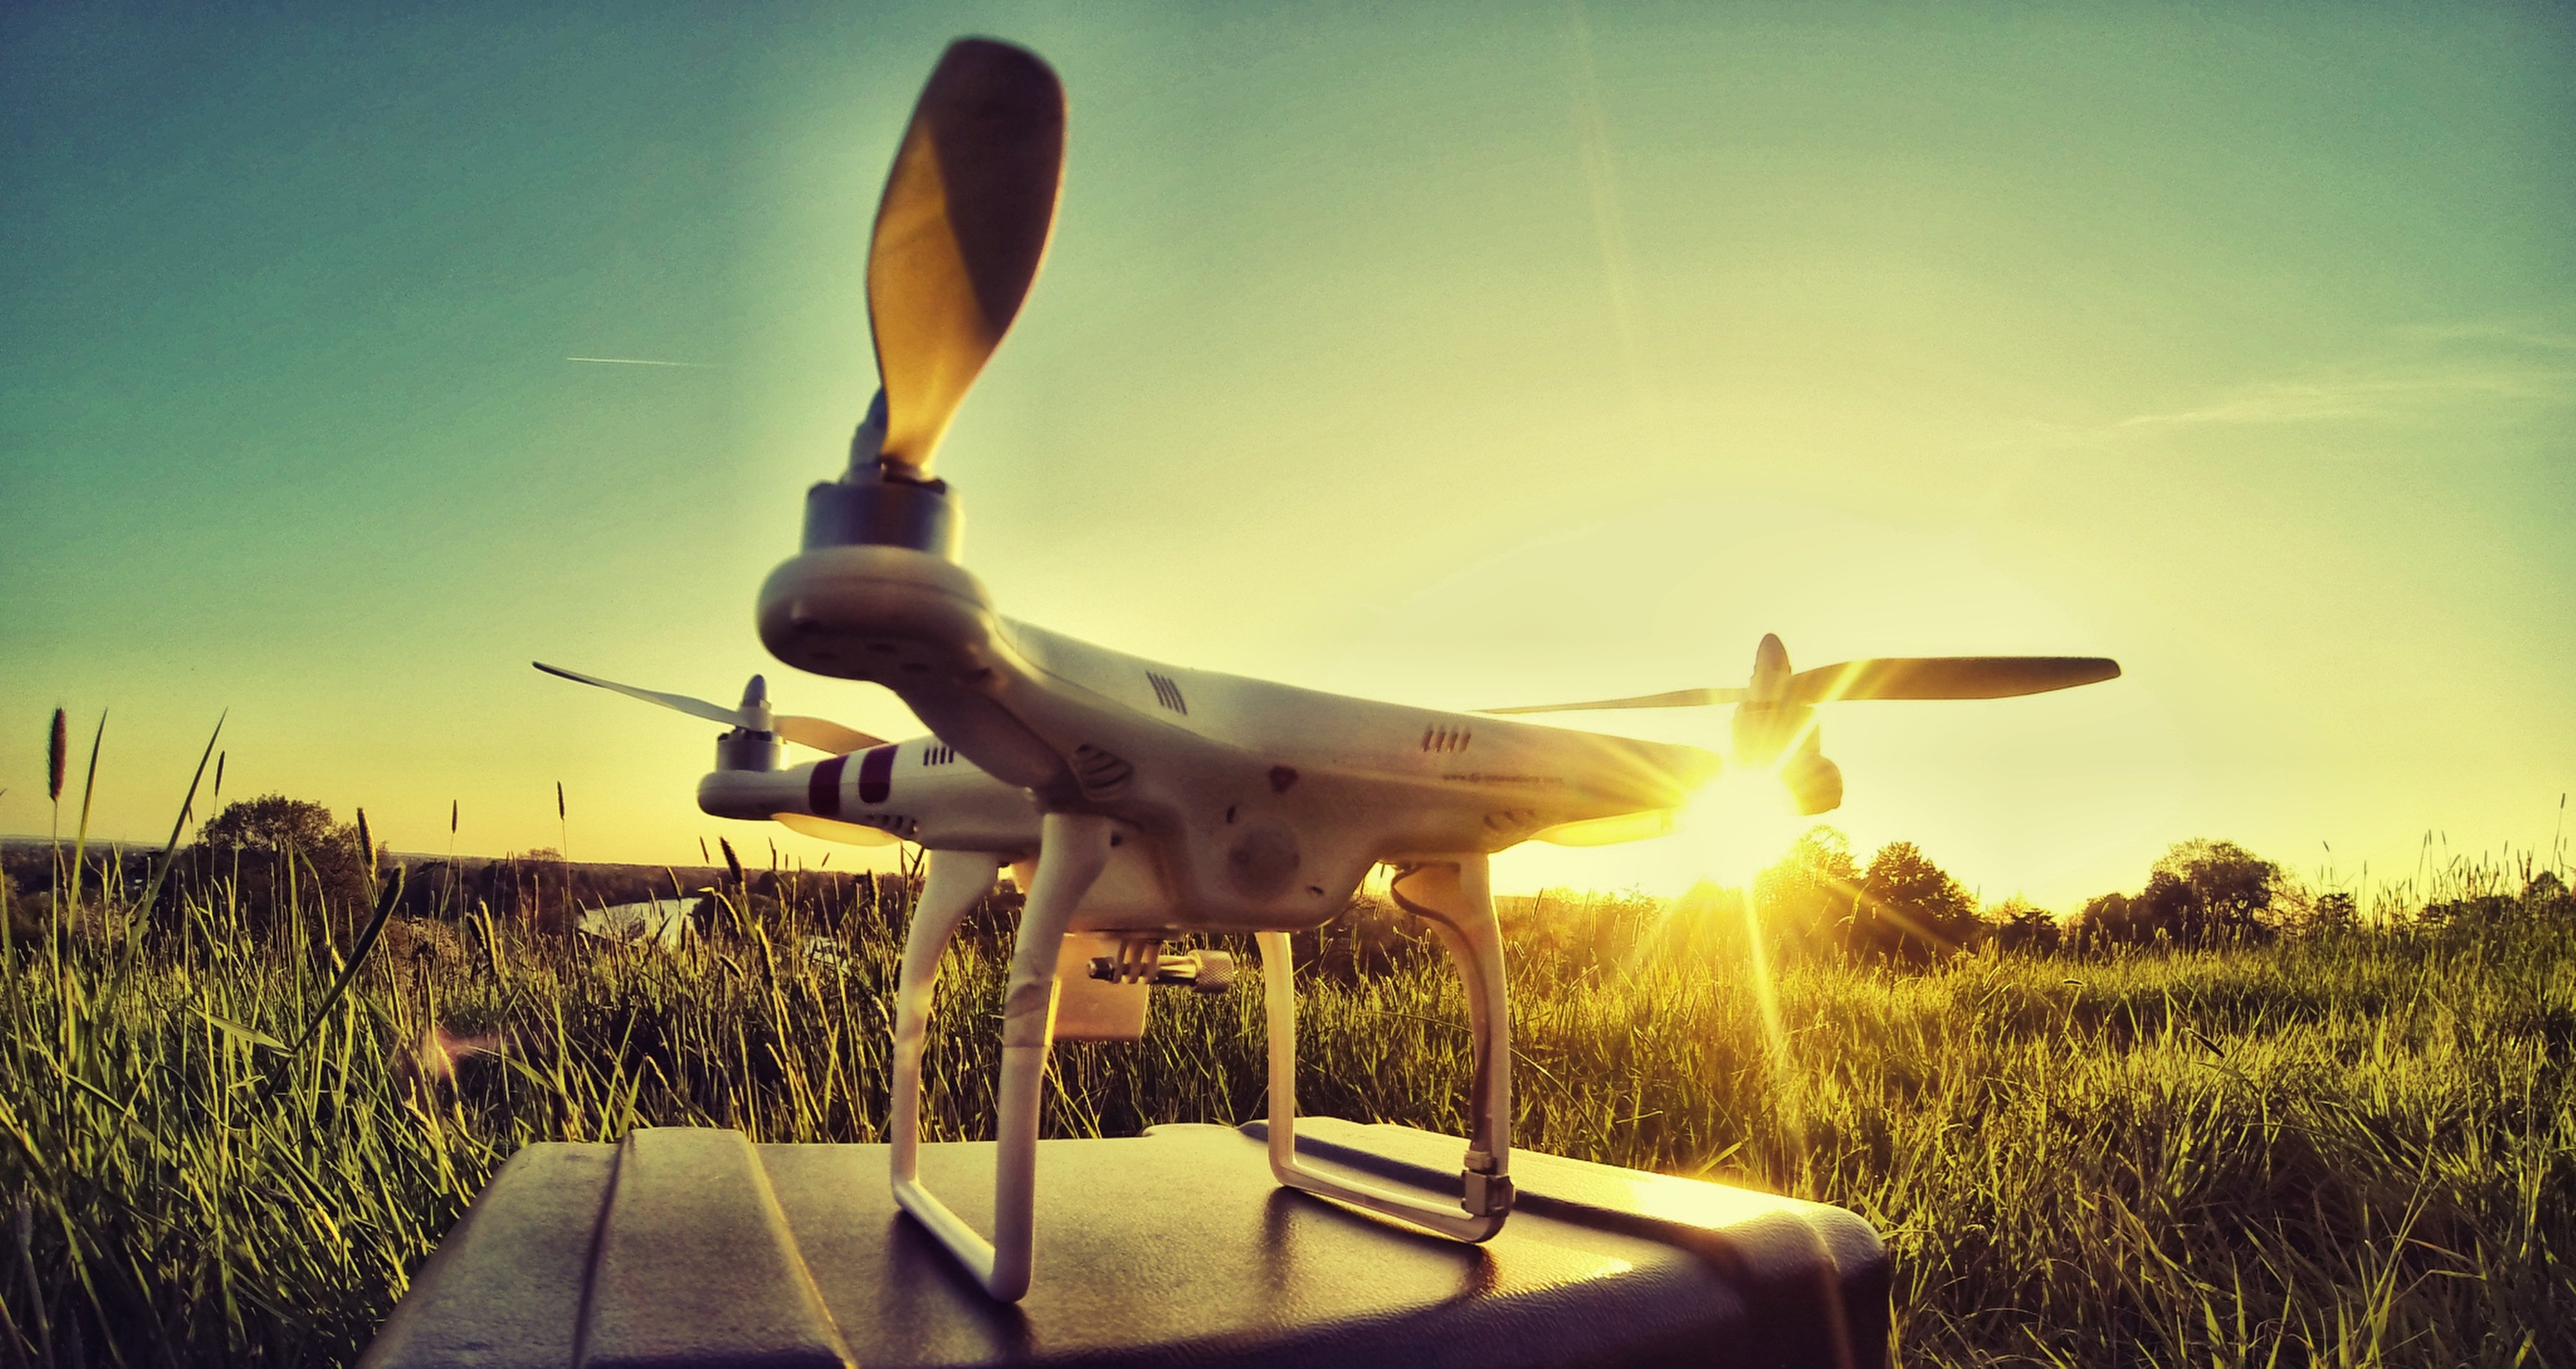 дроны коптеры что это дрони